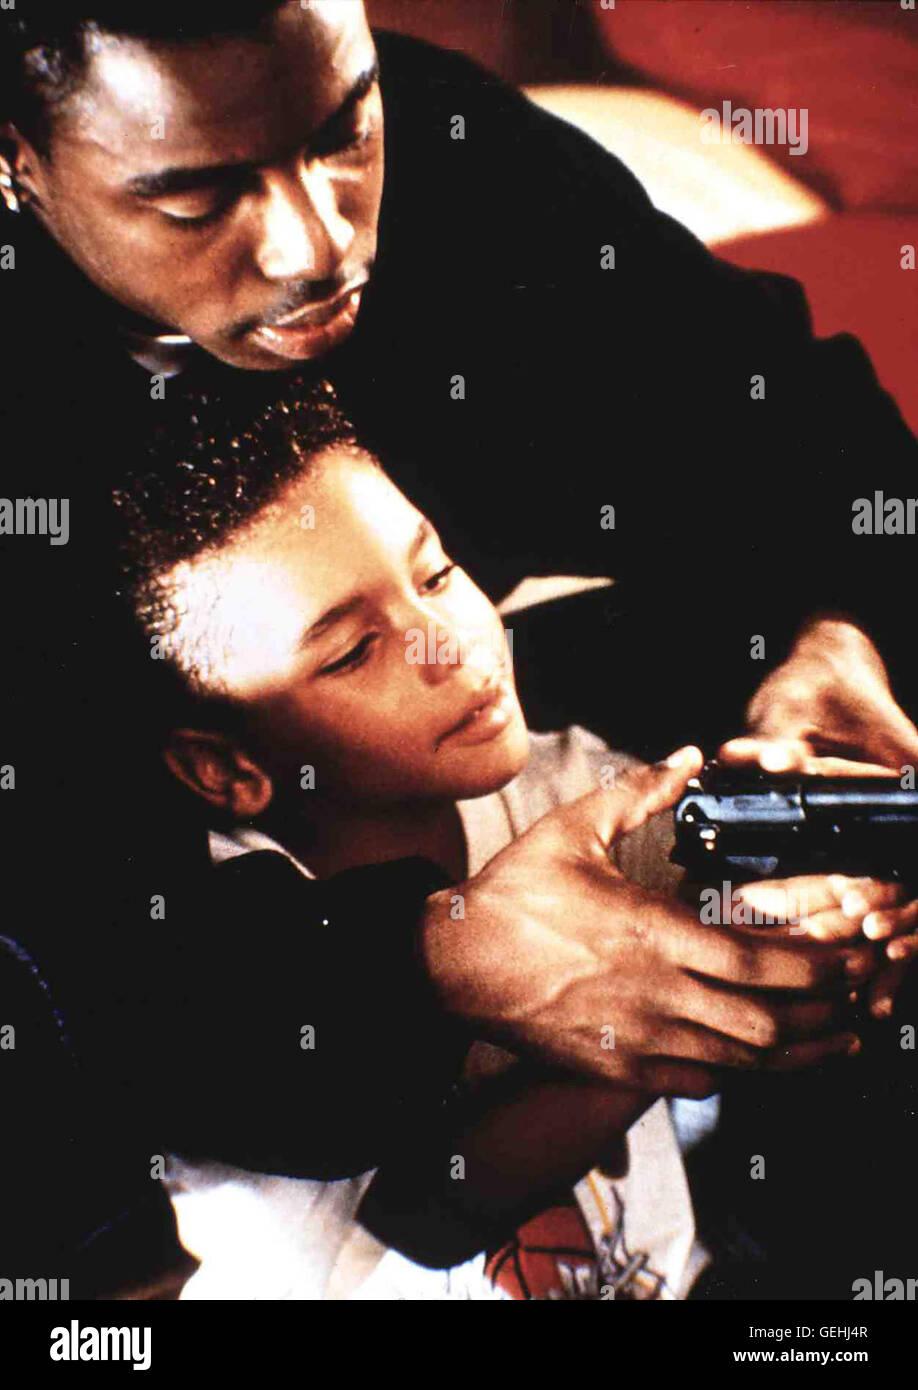 Amenaza Ii Sociedad 1993 Tyrin Turner Imágenes De Stock